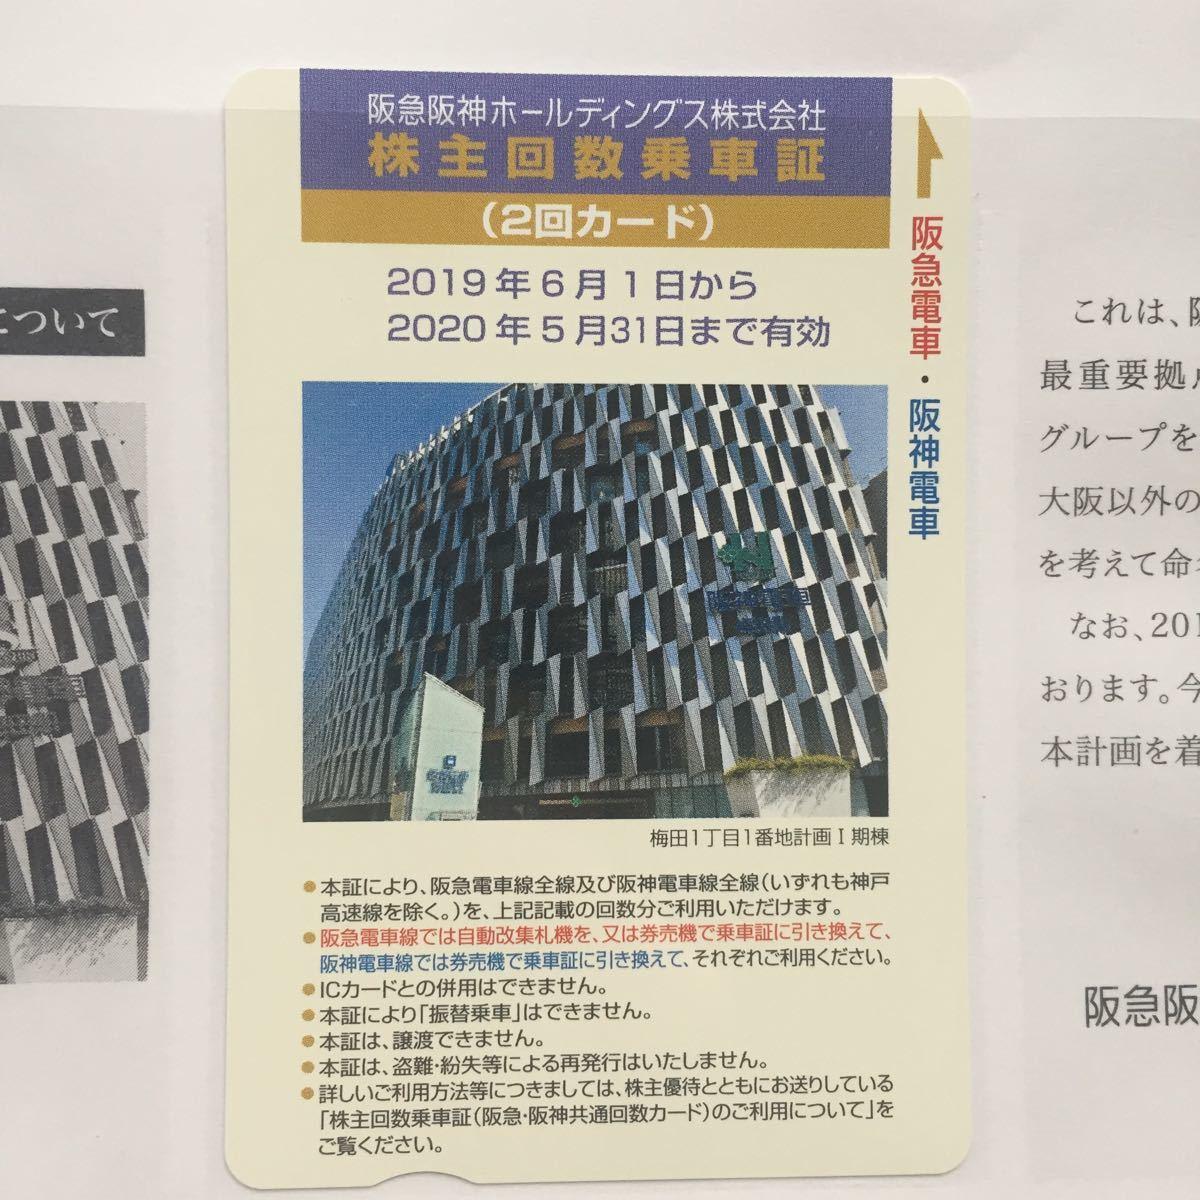 阪急阪神ホールディングス株式会社 株主優待券 2回カード